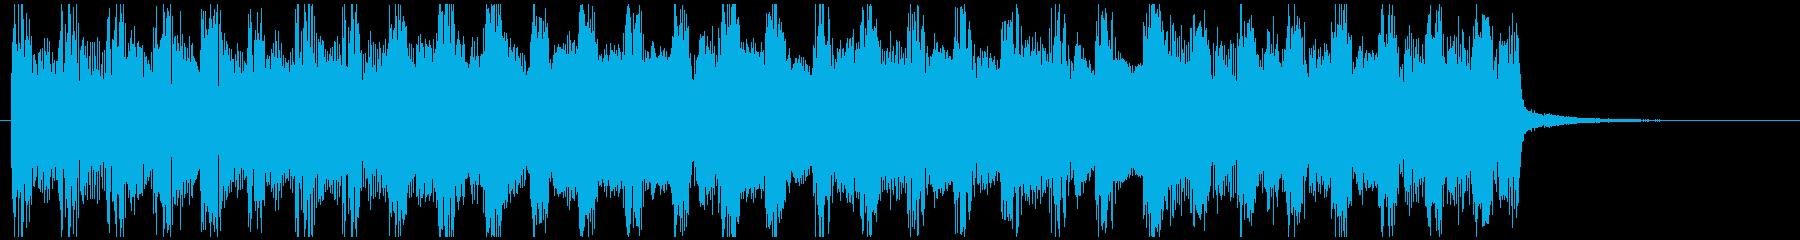 企業VP爽やかなポップ4つ打ち2 15秒の再生済みの波形